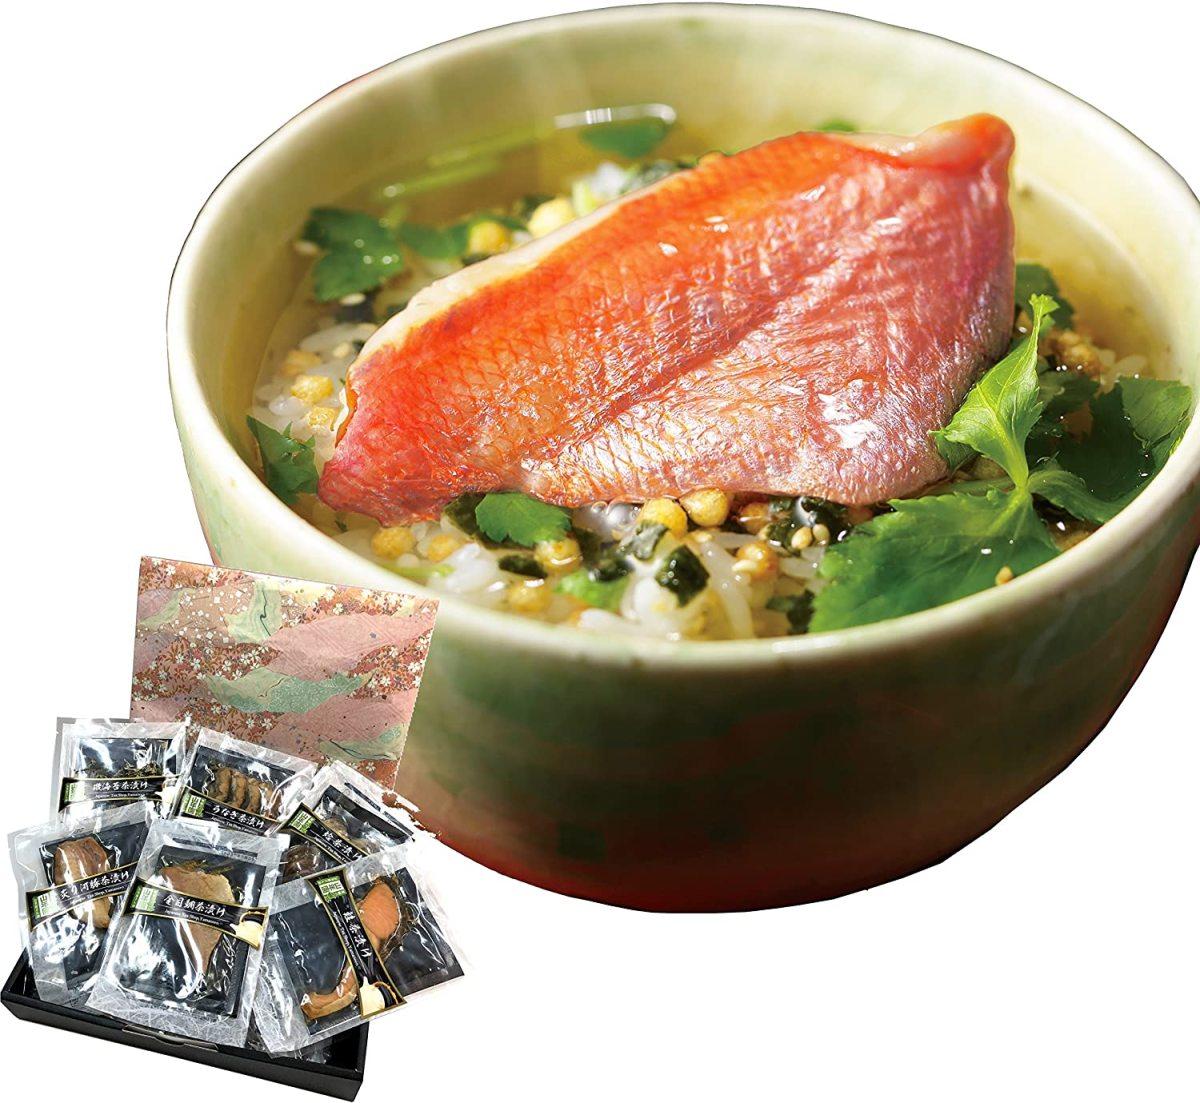 山年園 高級お茶漬けセット 6種類 × 1個の商品画像|2